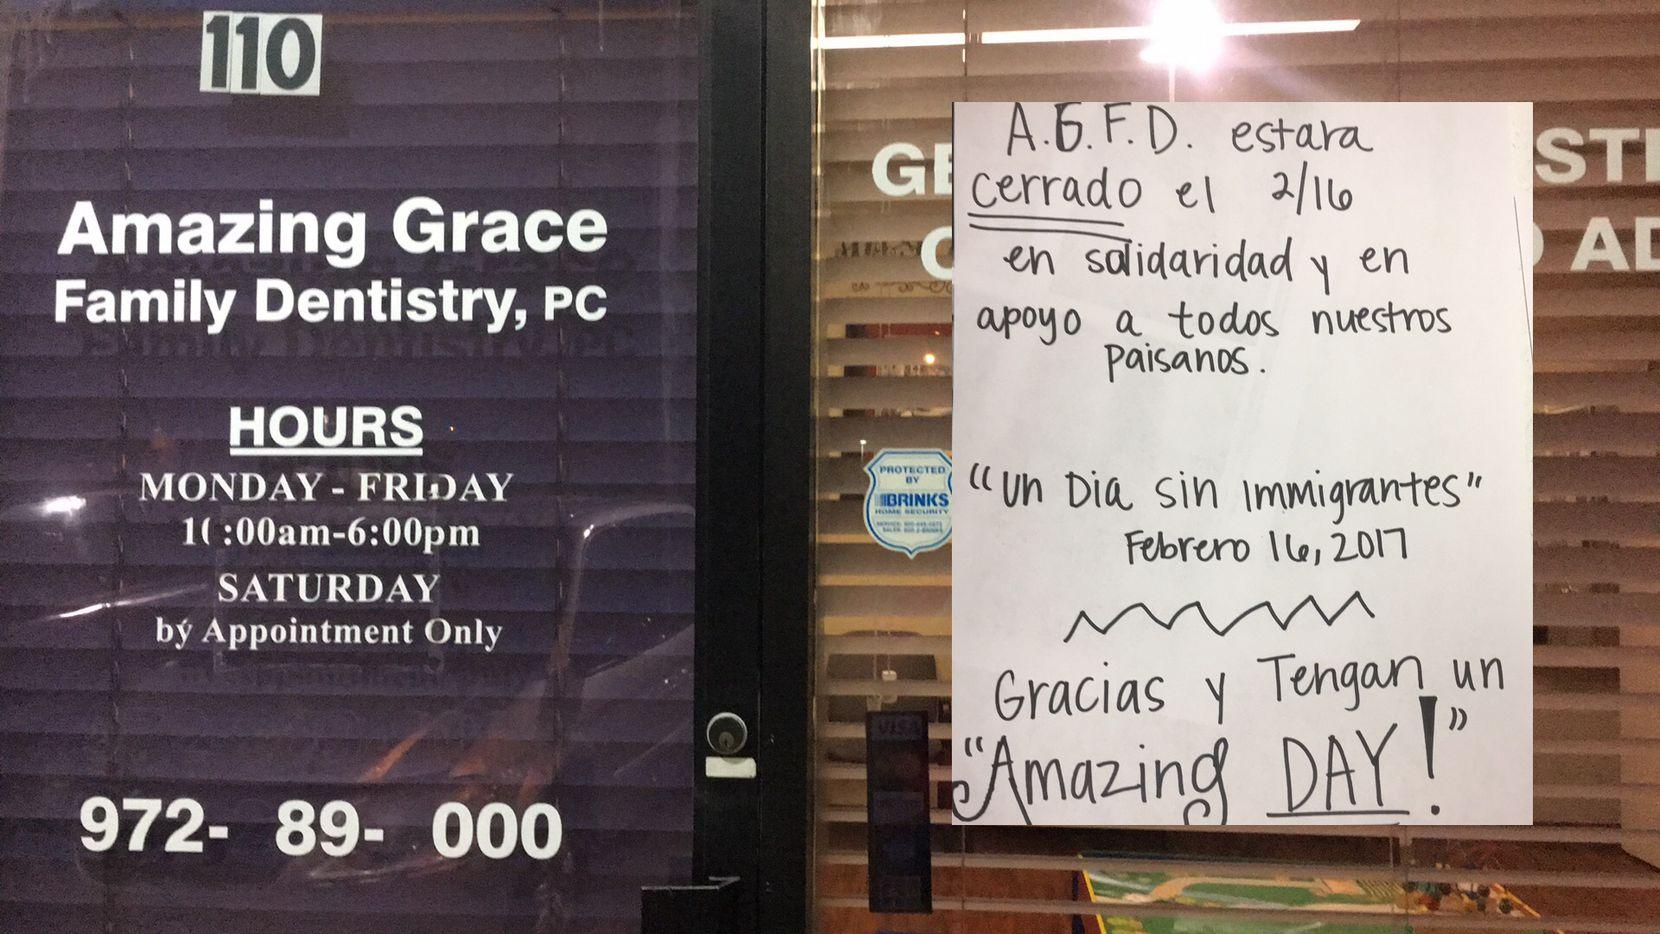 EL consultorio dental Amazing Grace Family Dentistry de Dallas desplegó este cartelón en la entrada de su oficina, con el anuncio de cierre de actividades este jueves. CORTESIA